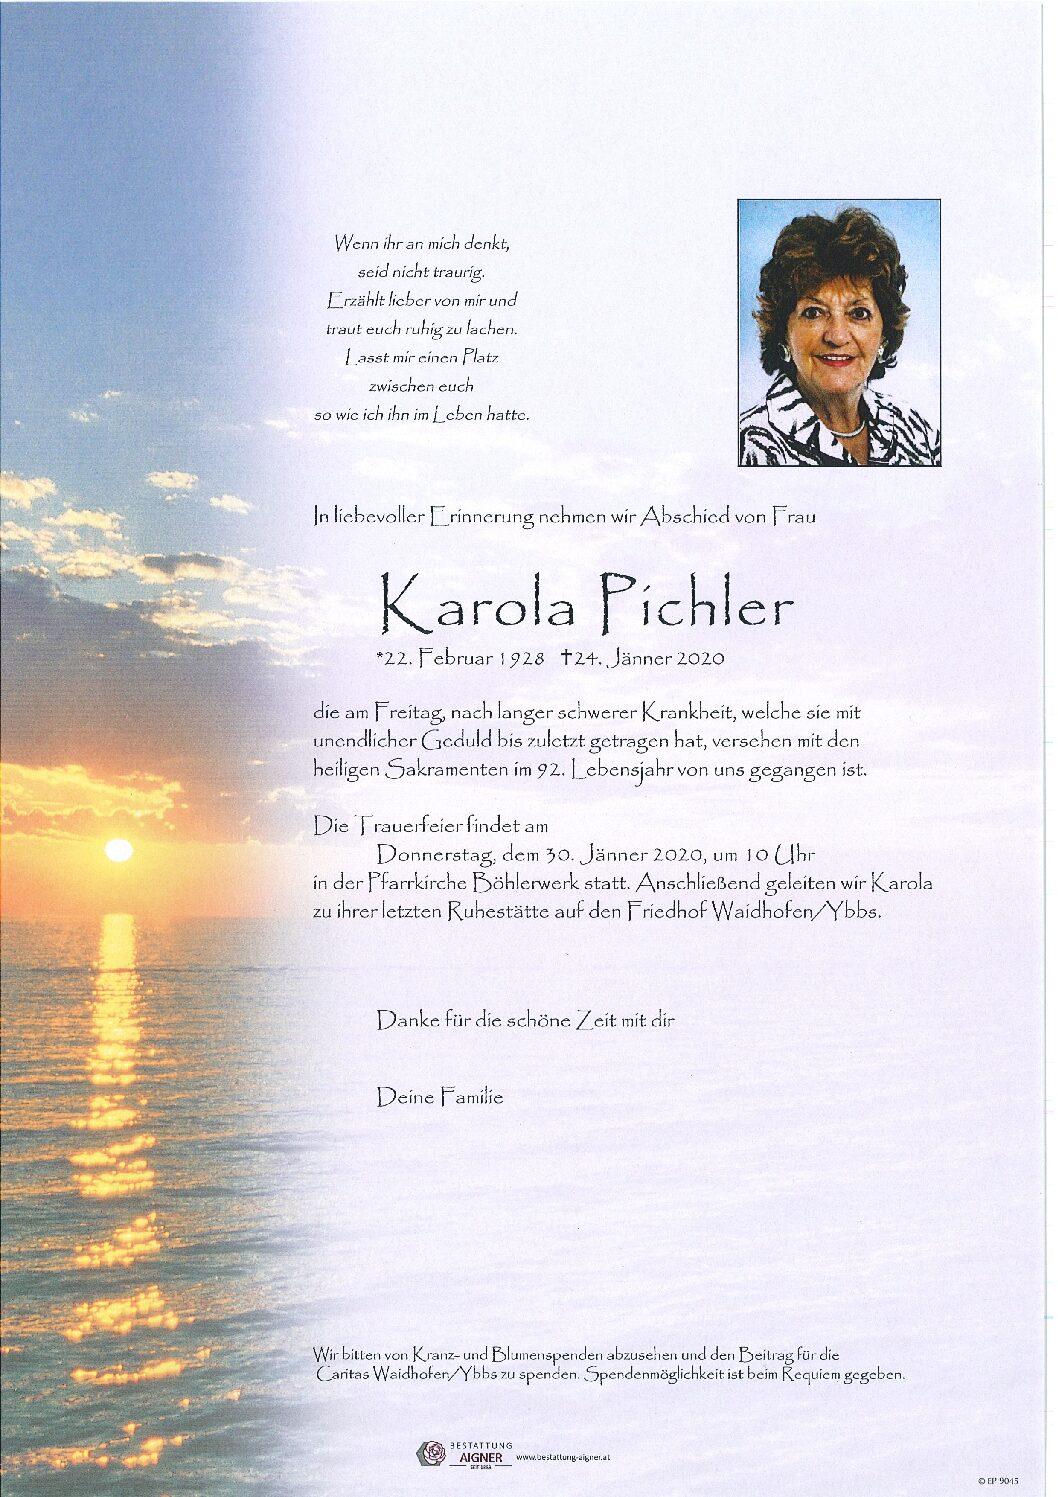 Karola Pichler